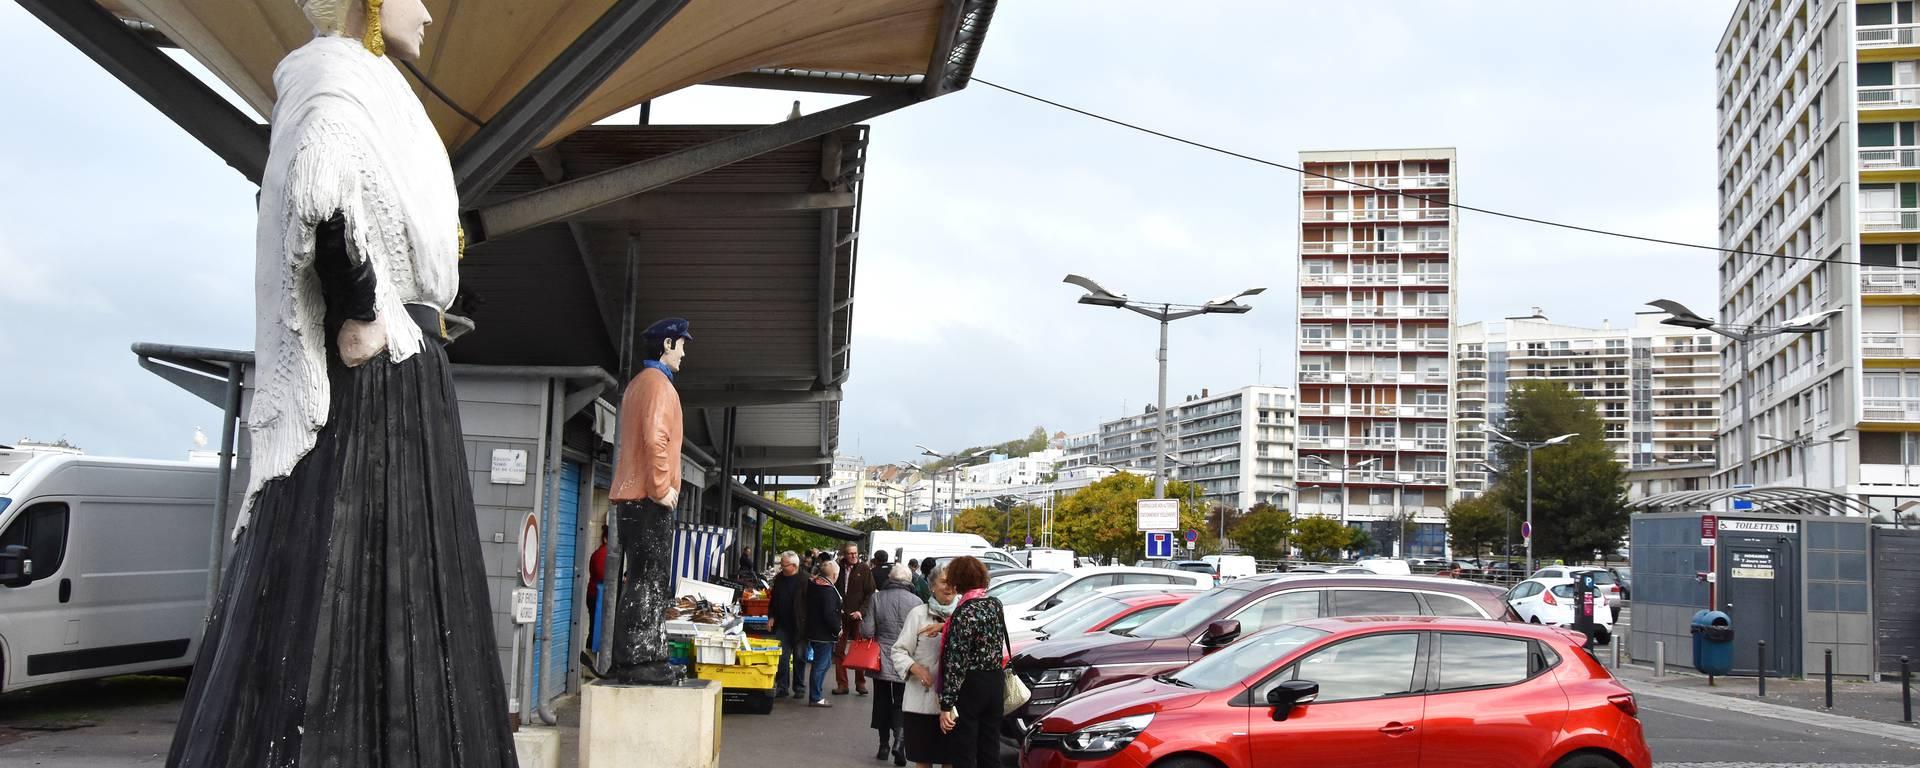 Les étals à poissons Boulogne-sur-Mer